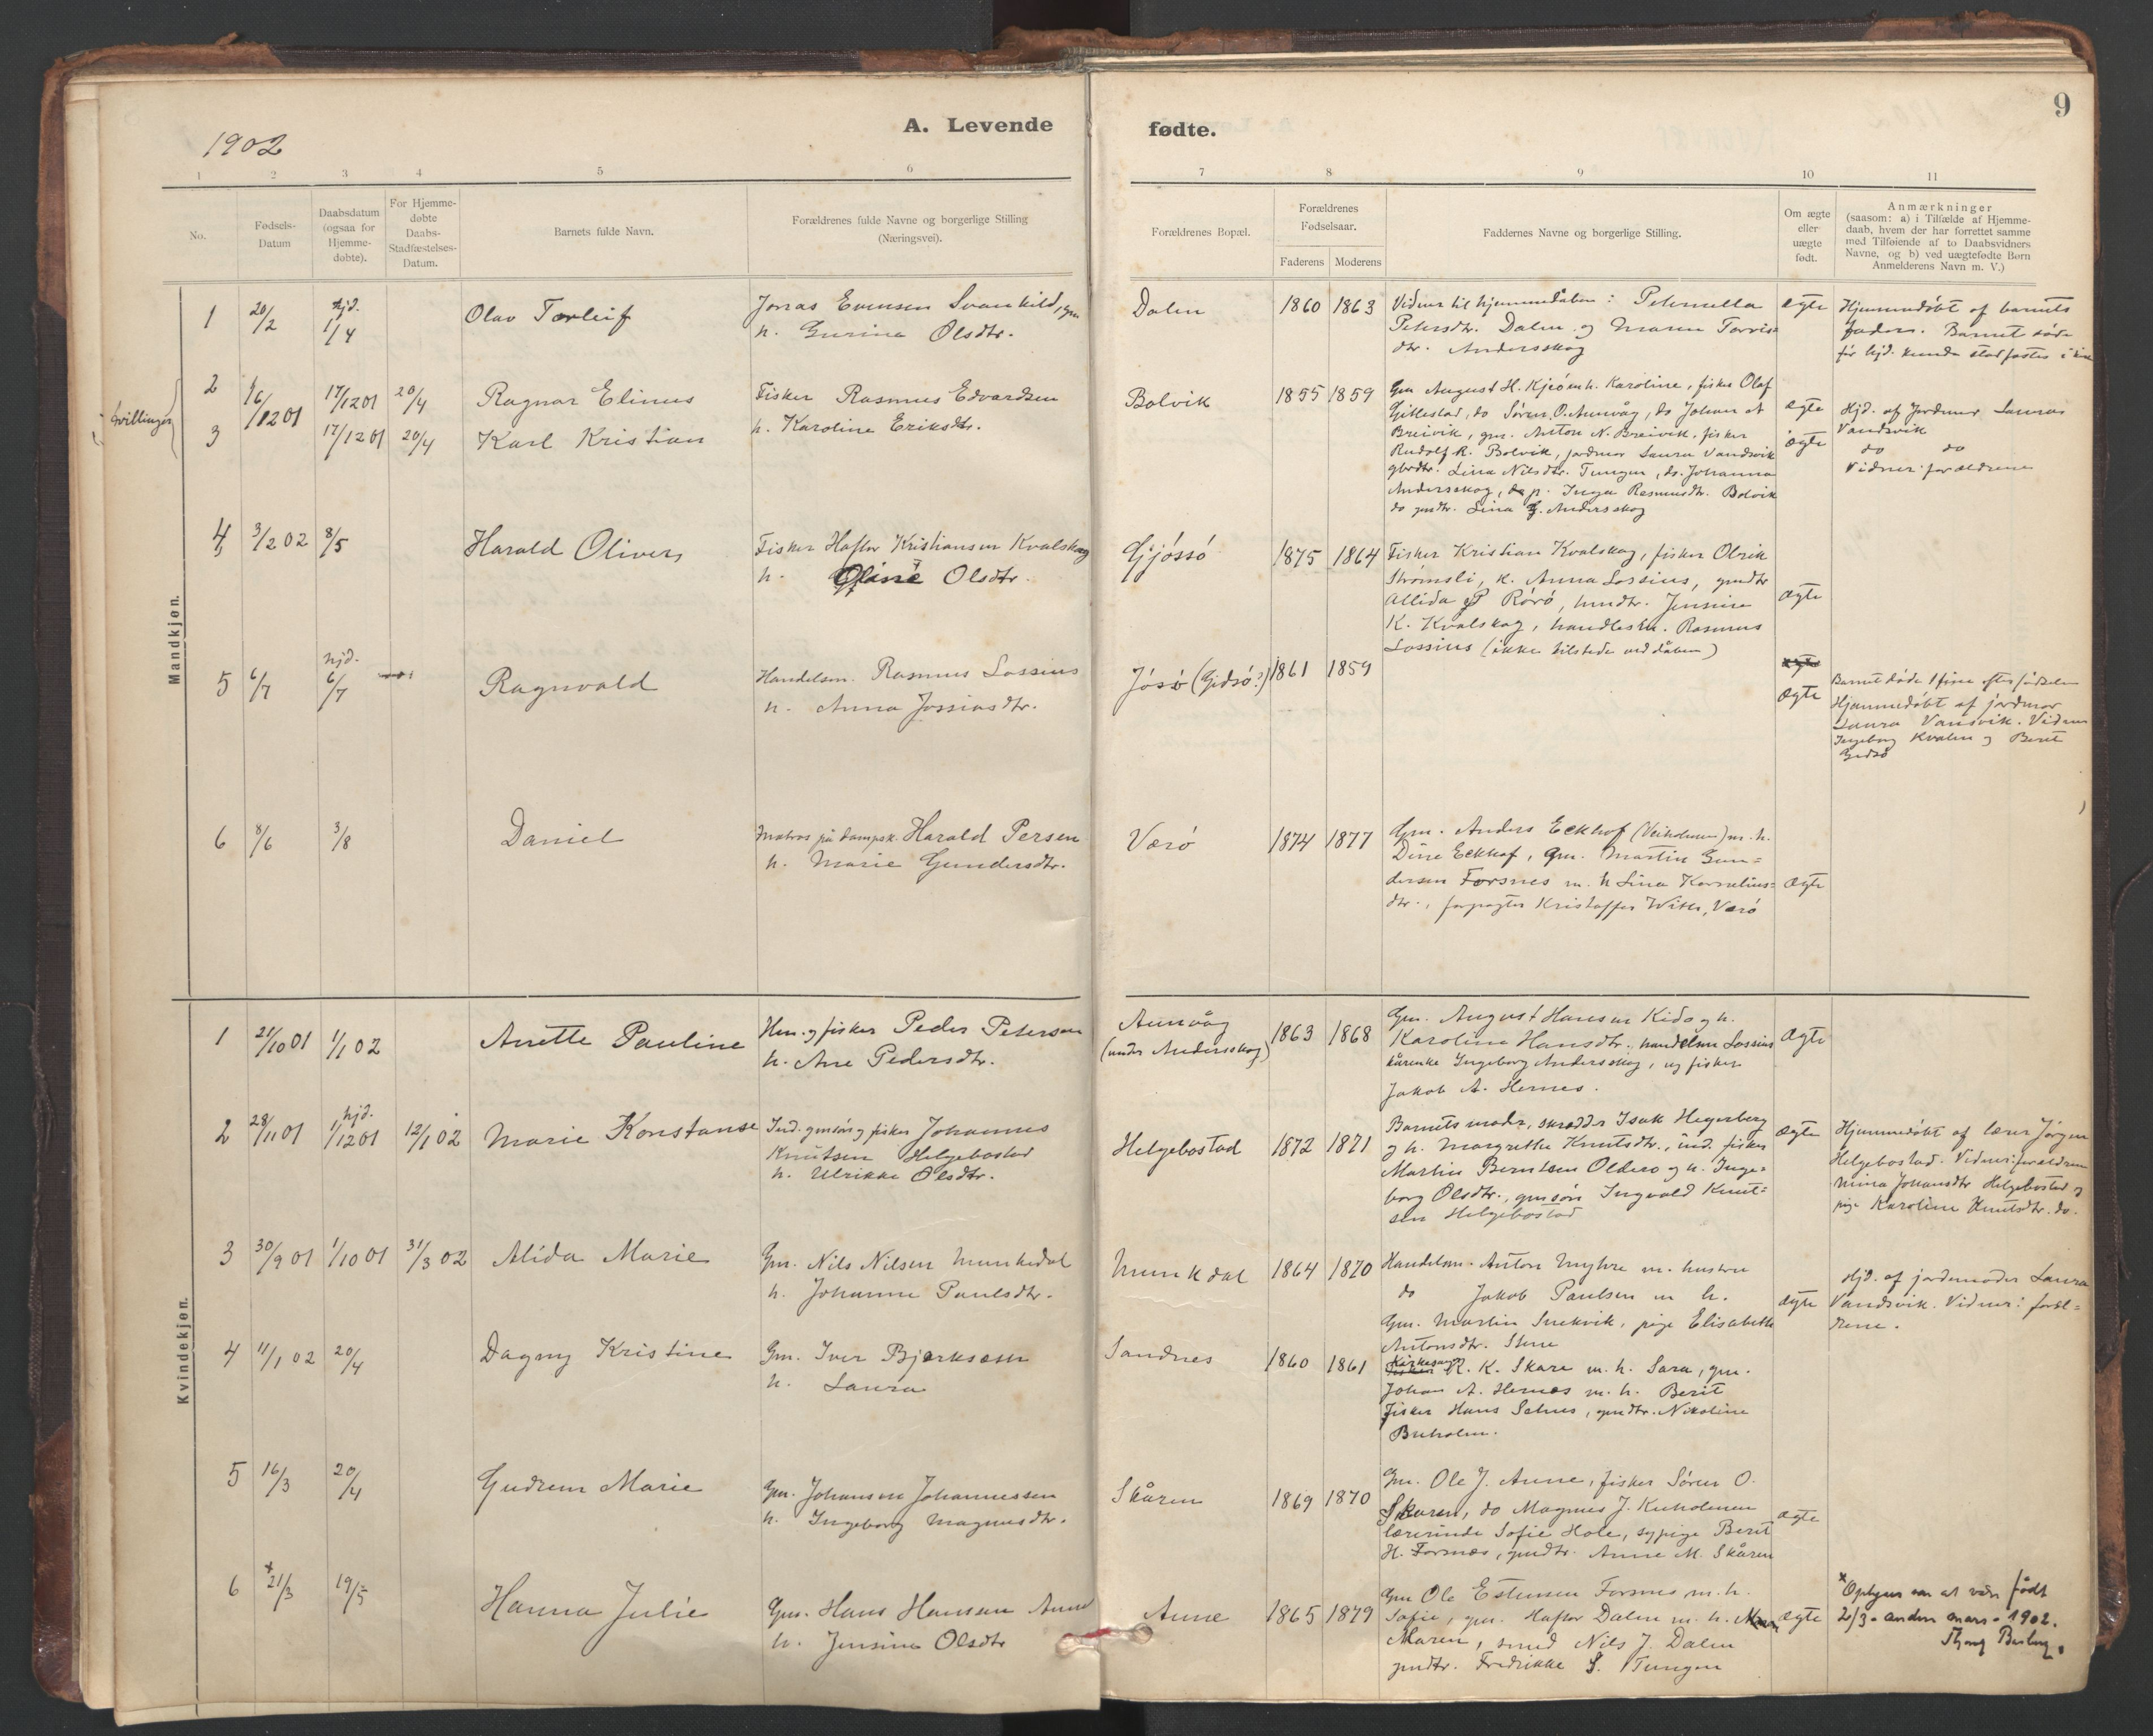 SAT, Ministerialprotokoller, klokkerbøker og fødselsregistre - Sør-Trøndelag, 635/L0552: Ministerialbok nr. 635A02, 1899-1919, s. 9